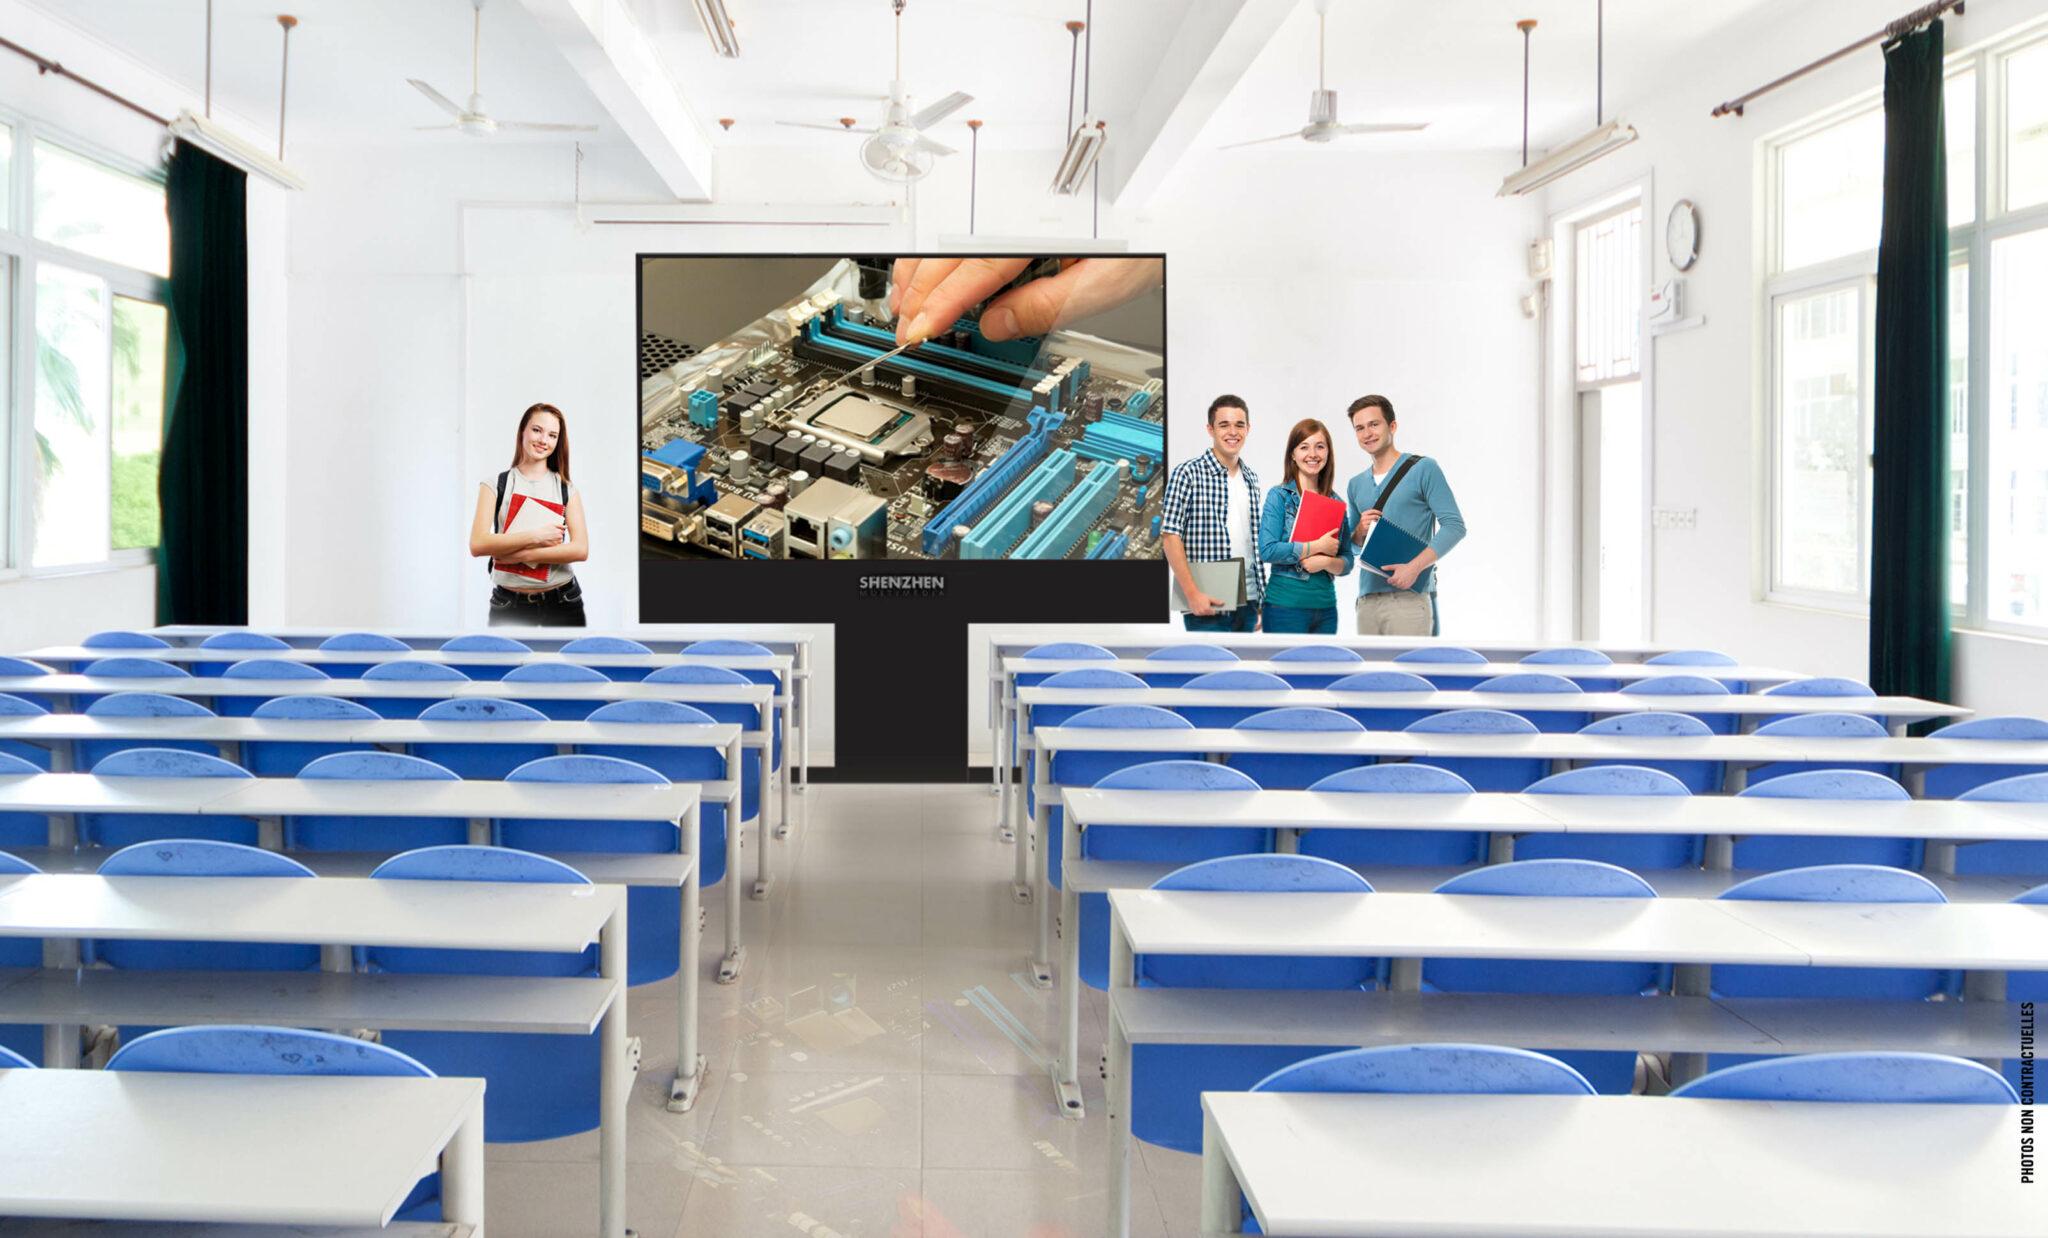 Cet écran d' affichage LED SH 02, design, extra slim et élégant permet une qualité ultra haute définition.